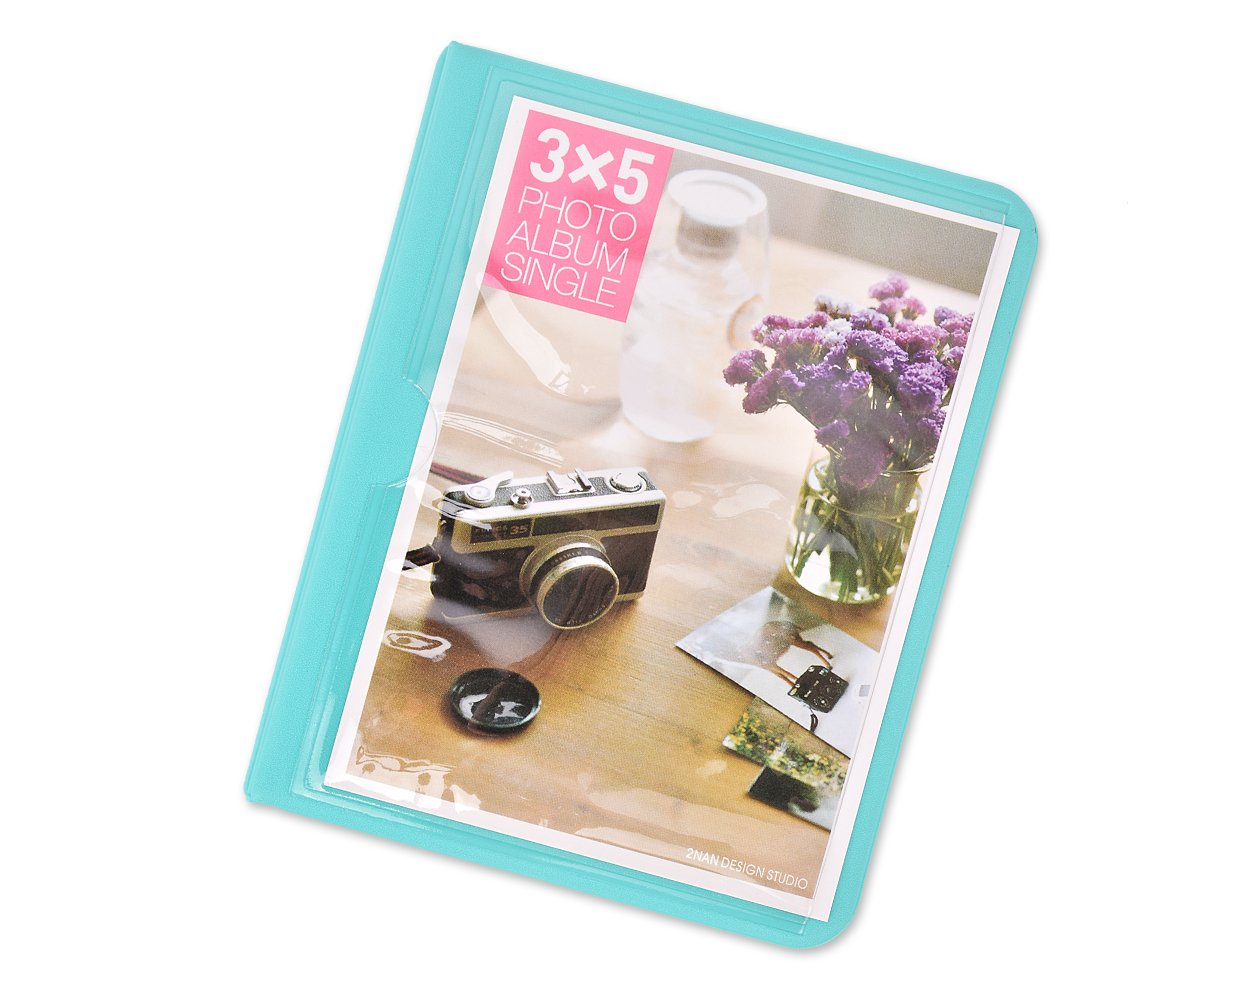 DSstyles Á lbum de fotos Libro de fotos de 32 bolsillos Mini á lbum libro para Fujifilm Instax Wide 300, Wide 210, Wide 200 Fotos - Como ds. distinctive style